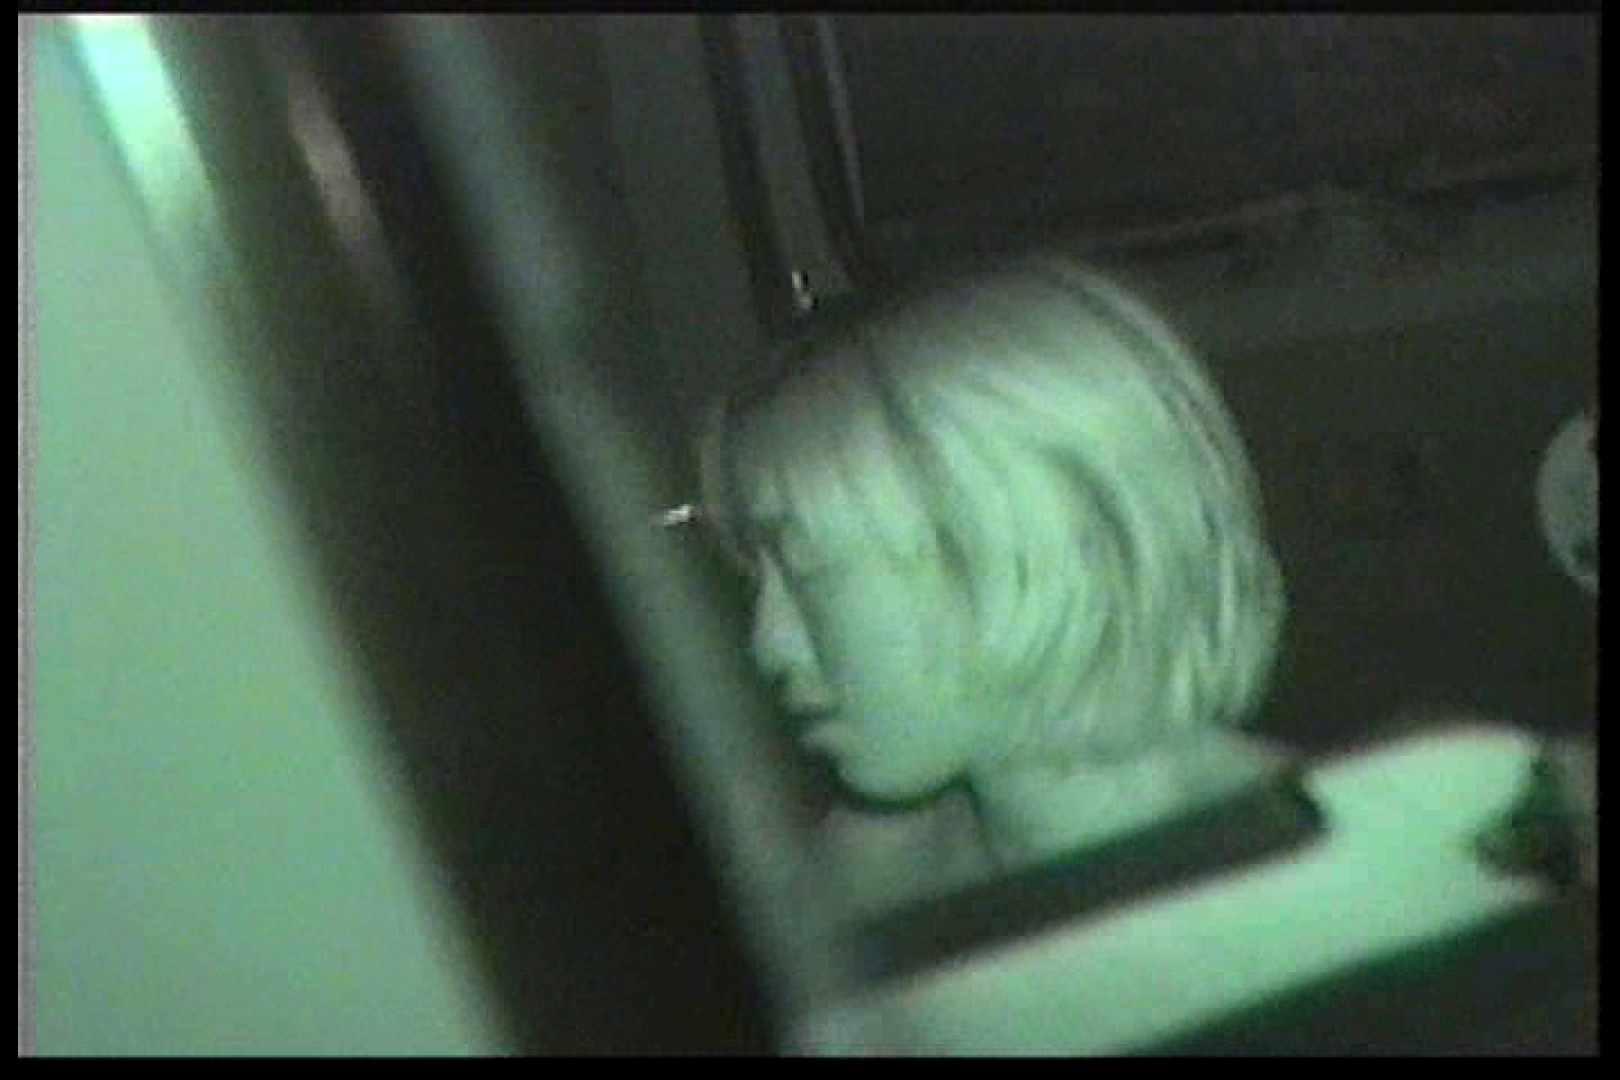 カーセックス未編集・無修正版 Vol.8後編 カーセックス セックス画像 100pic 79